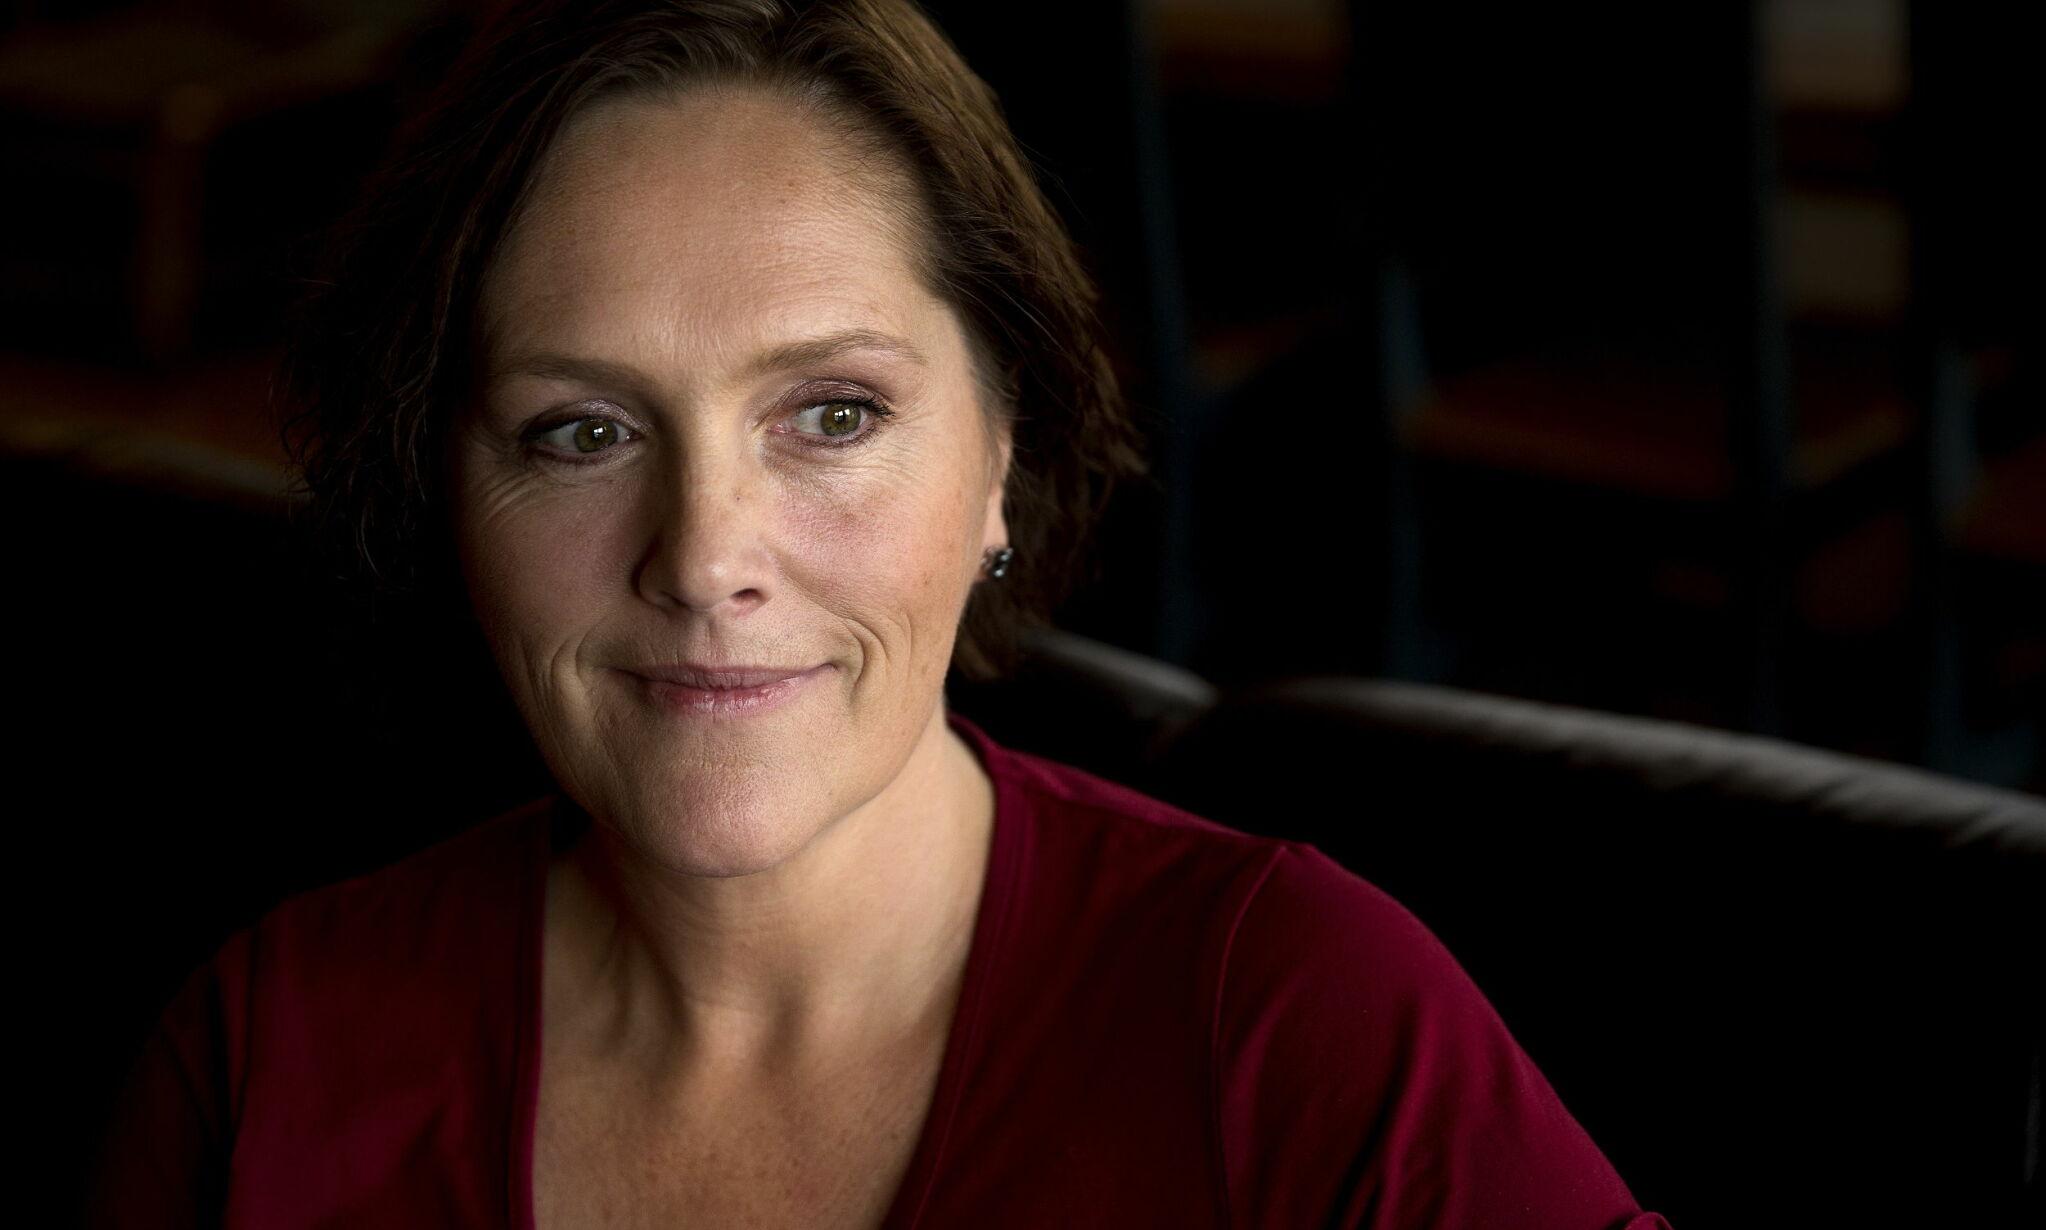 Halden 20171027. Ann-Kristin Grødahl har store smerter i alle ledd og har syv forskjellige diagnoser.  Foto: Henning Lillegård / Dagbladet .